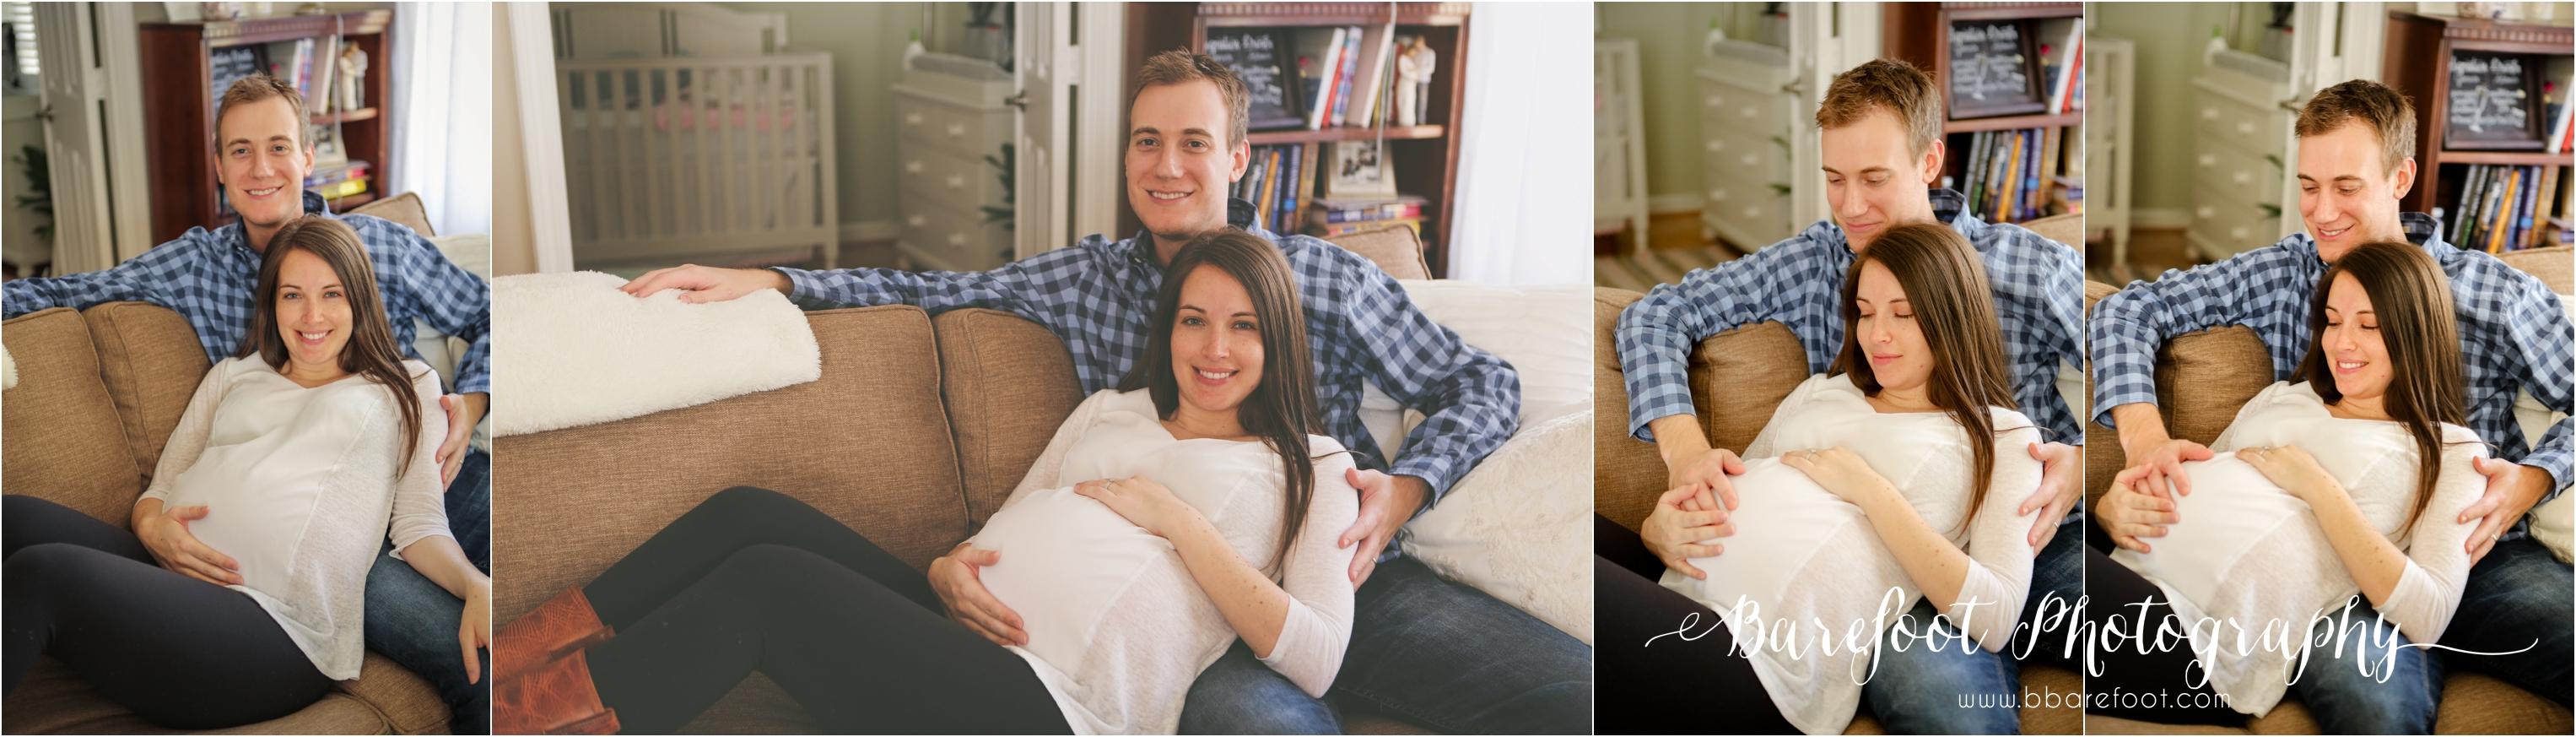 Jenn & Adam_Maternity-142.jpg